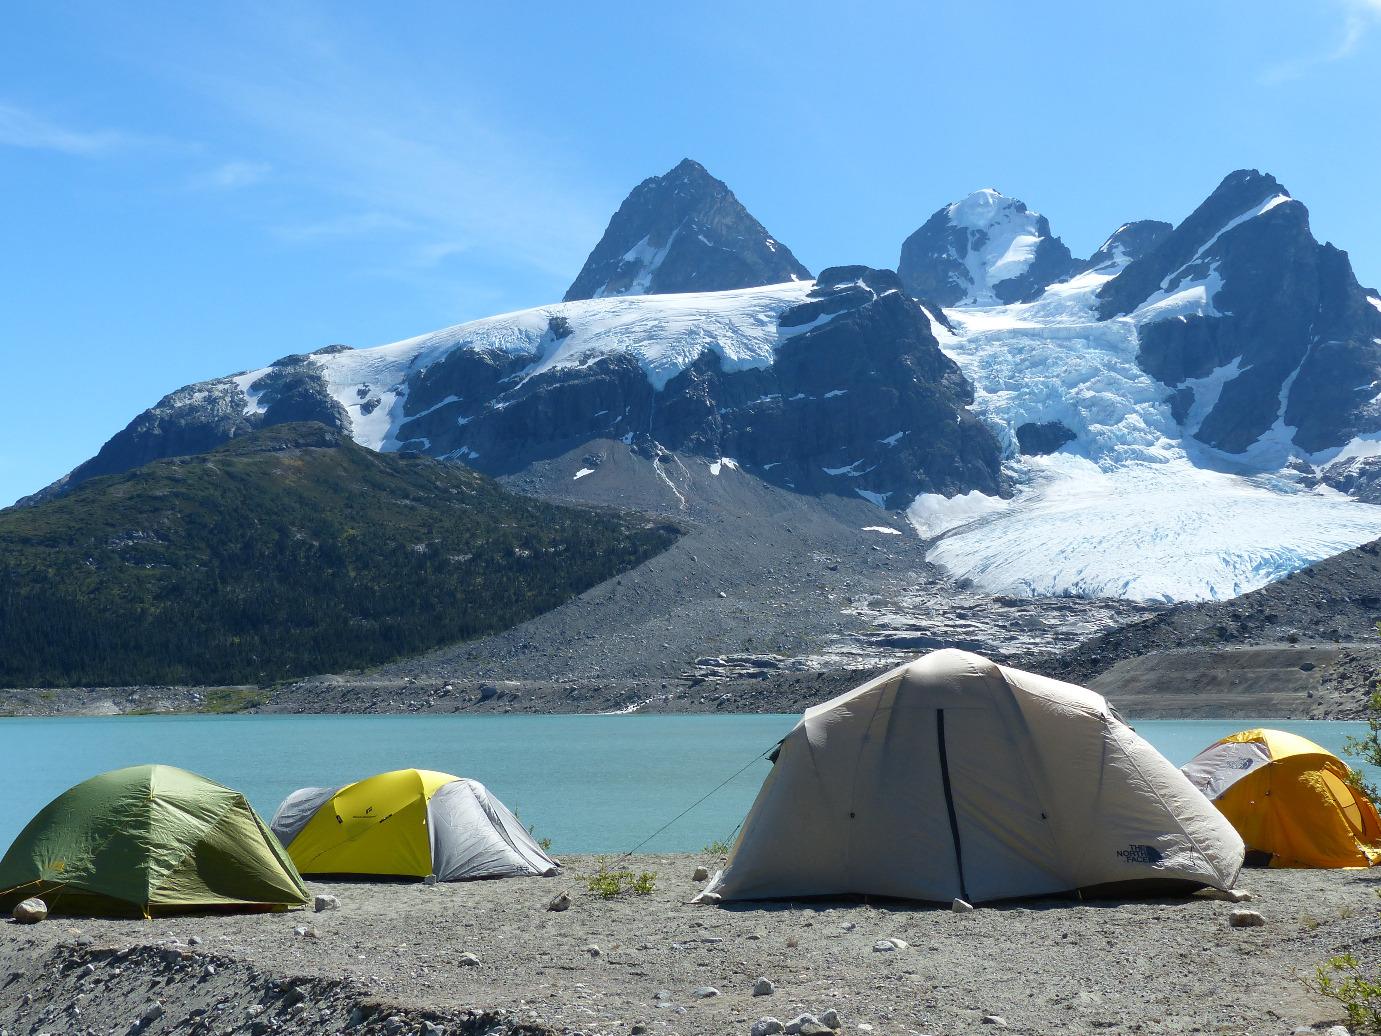 מחנה אוהלים בנק טסלי